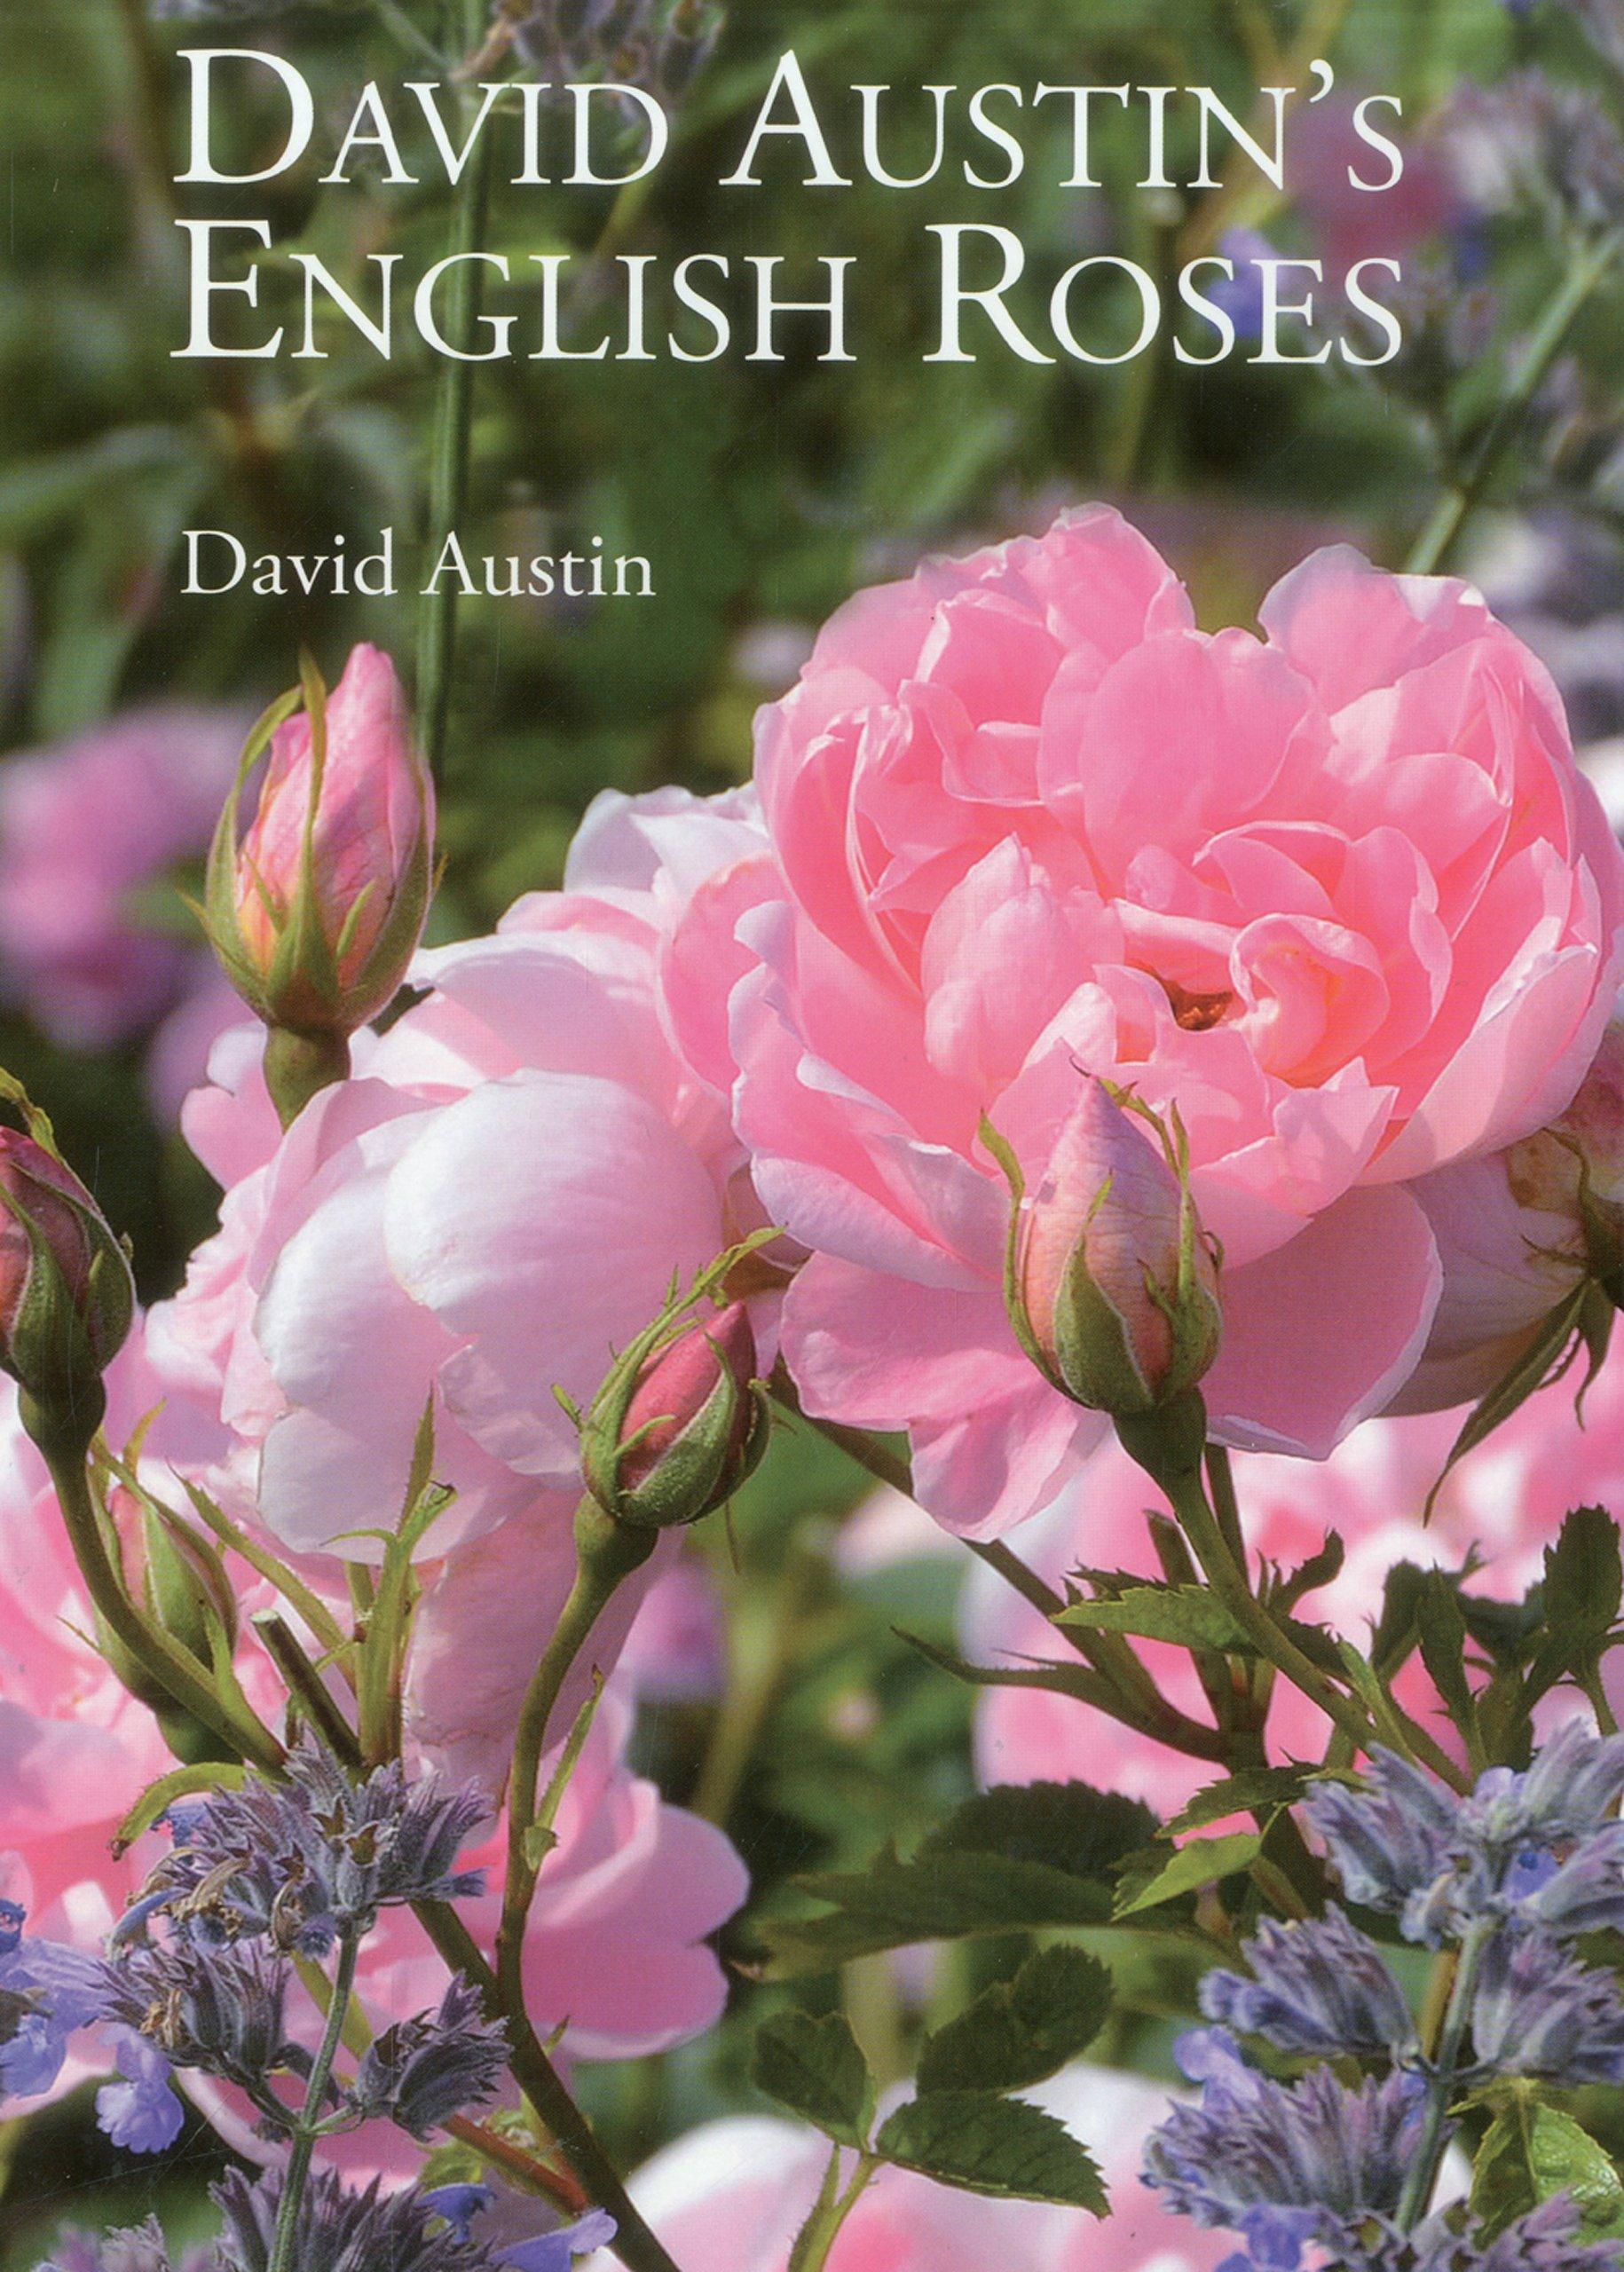 English Roses - ספר הדרכה לגידול ורדים אנגליים